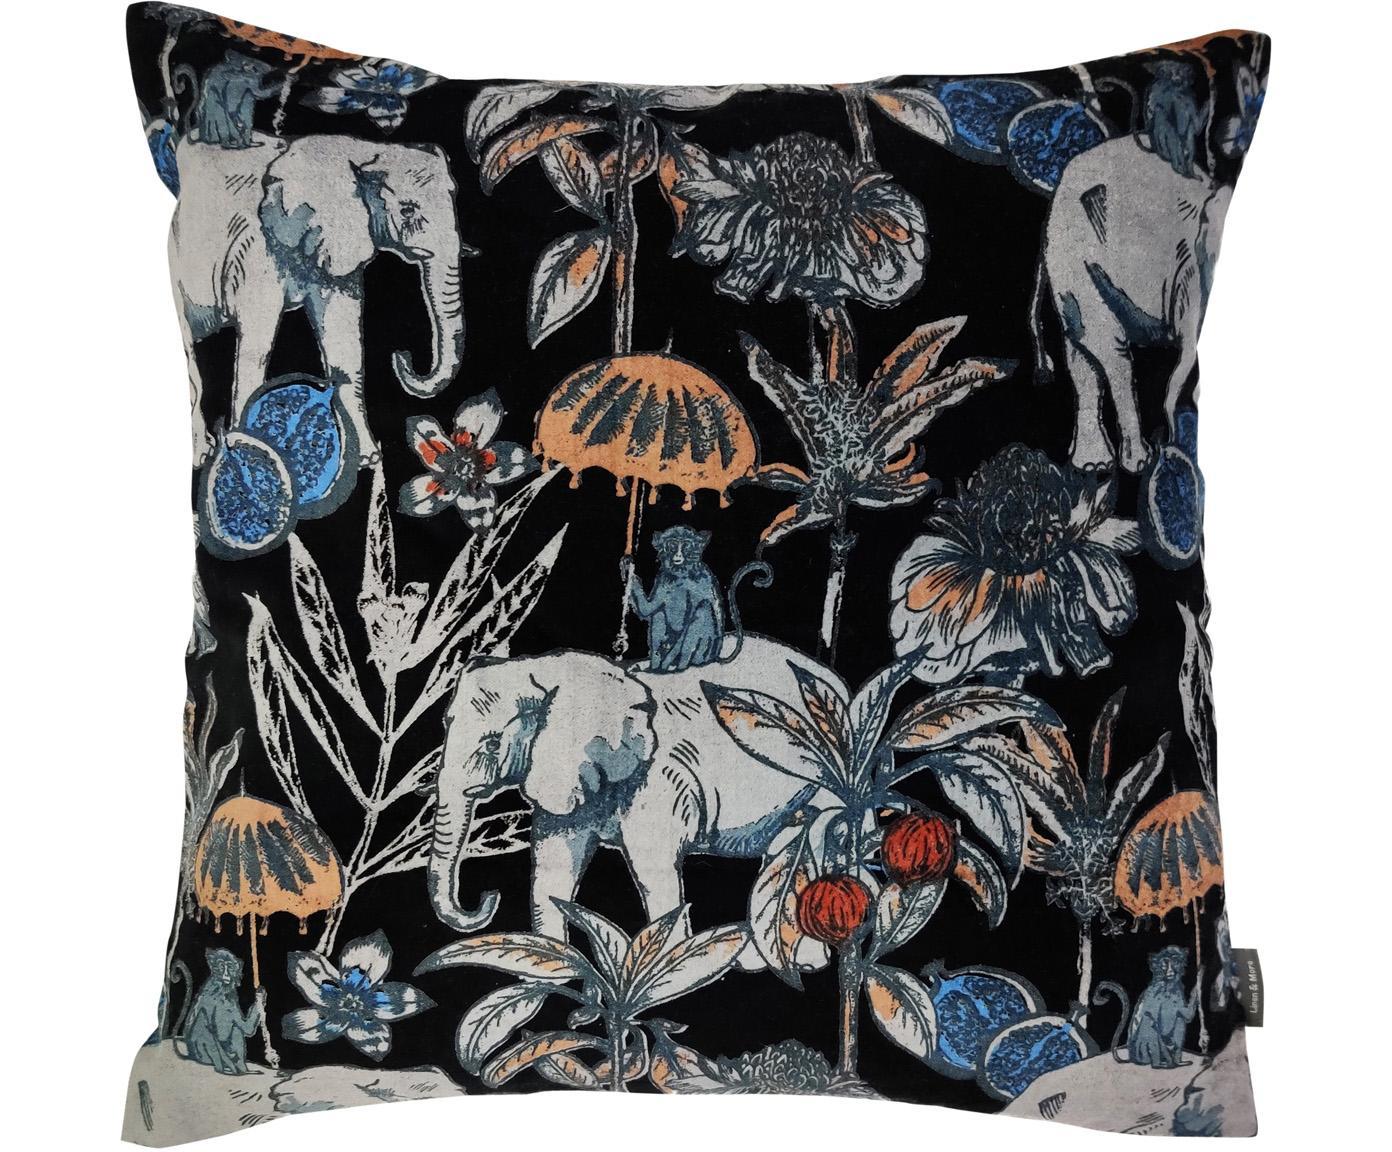 Kussen Elephant, met vulling, Zwart, multicolour, 45 x 45 cm